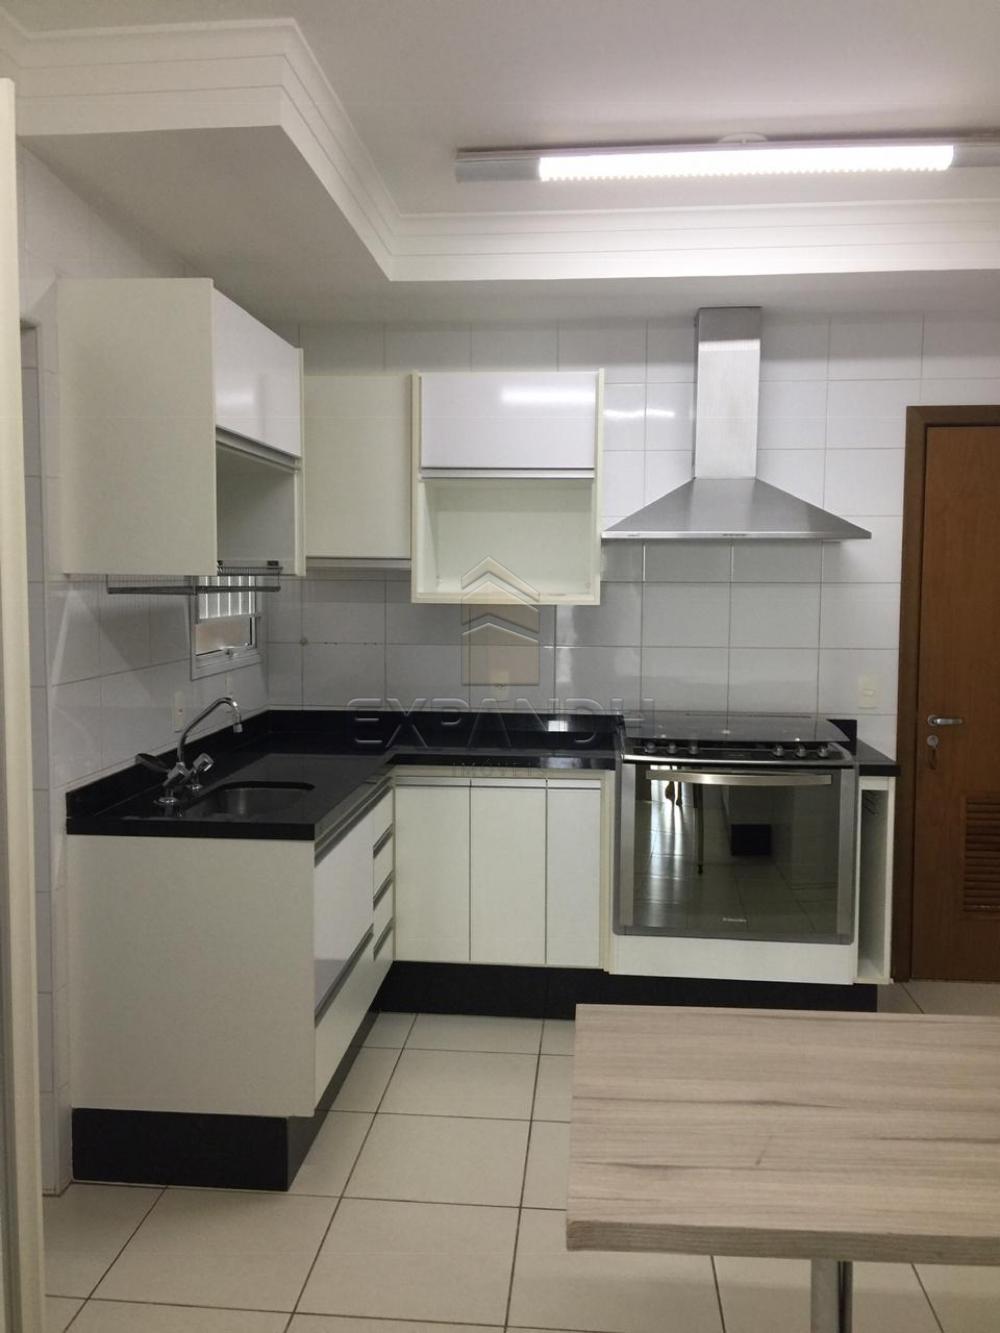 Comprar Apartamentos / Padrão em Sertãozinho R$ 850.000,00 - Foto 12